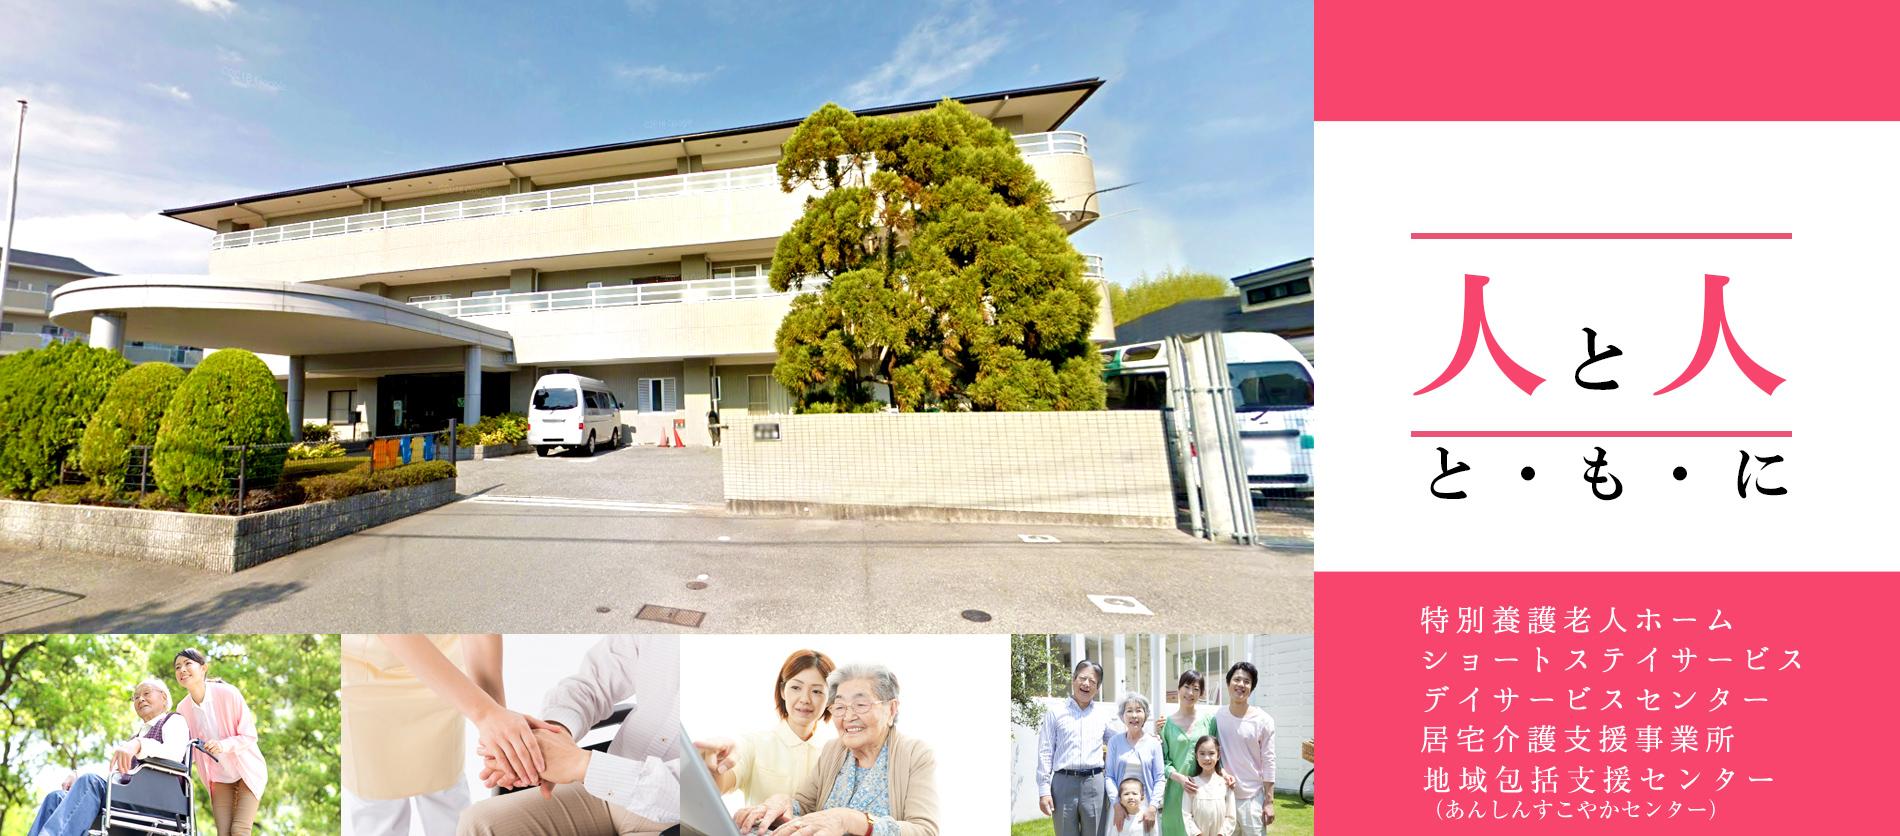 桃山台ホーム 必要なサービスを総合的に提供する温もりと幸せを感じる施設